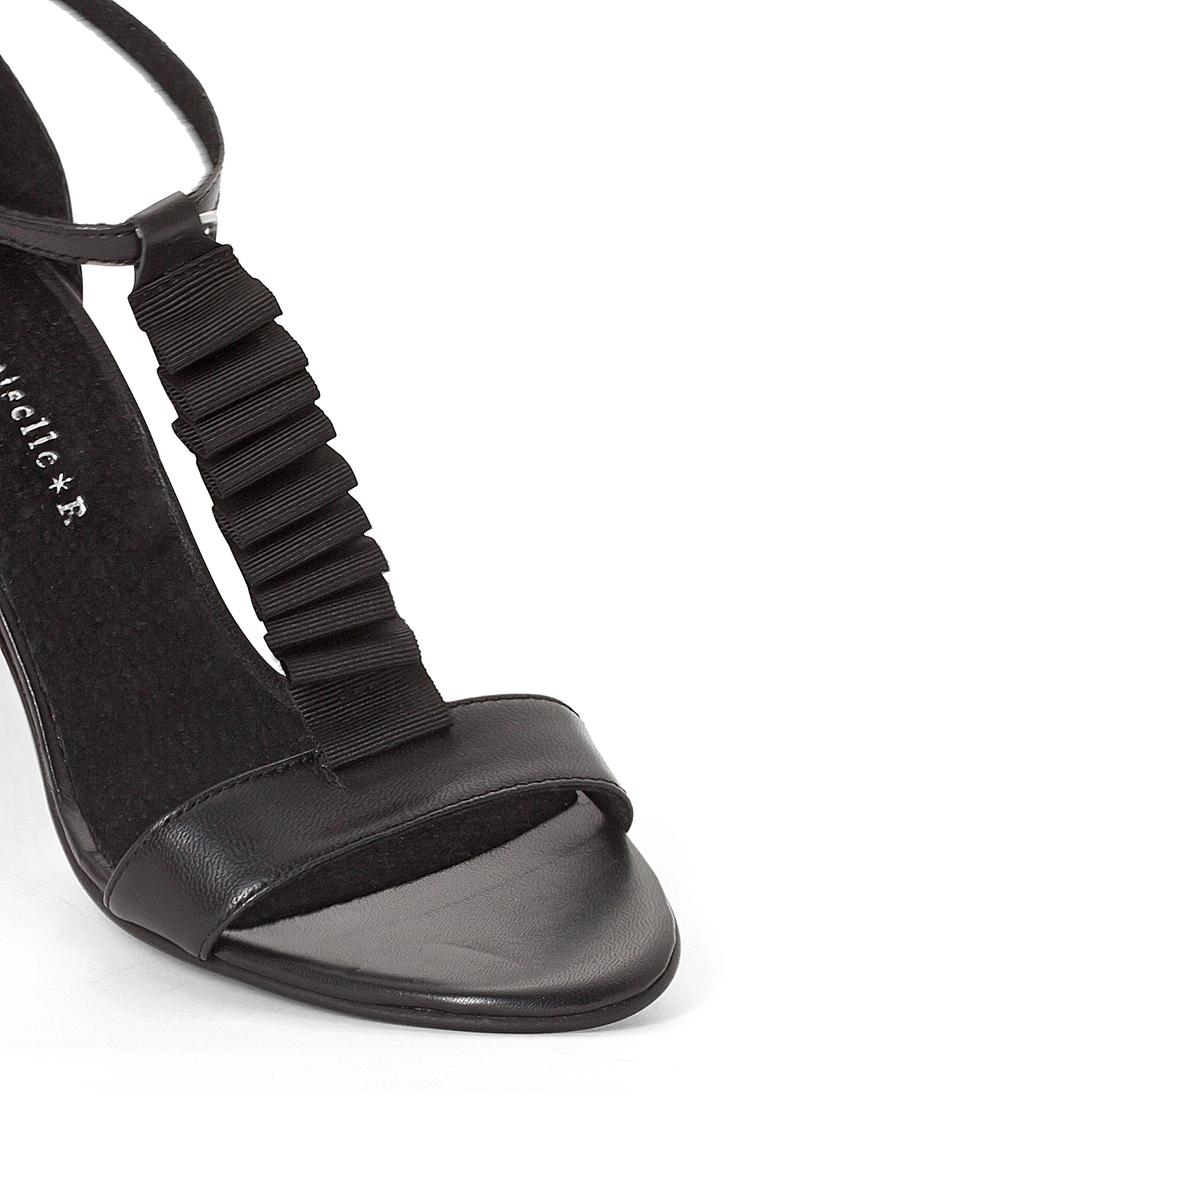 Босоножки кожаные с воланамиДетали  •  Широкий каблук •  Высота каблука : 9 см •  Застежка : ремешок/пряжка •  Открытый мысок •  Гладкая отделкаСостав и уход •  Верх<br><br>Цвет: черный<br>Размер: 39.37